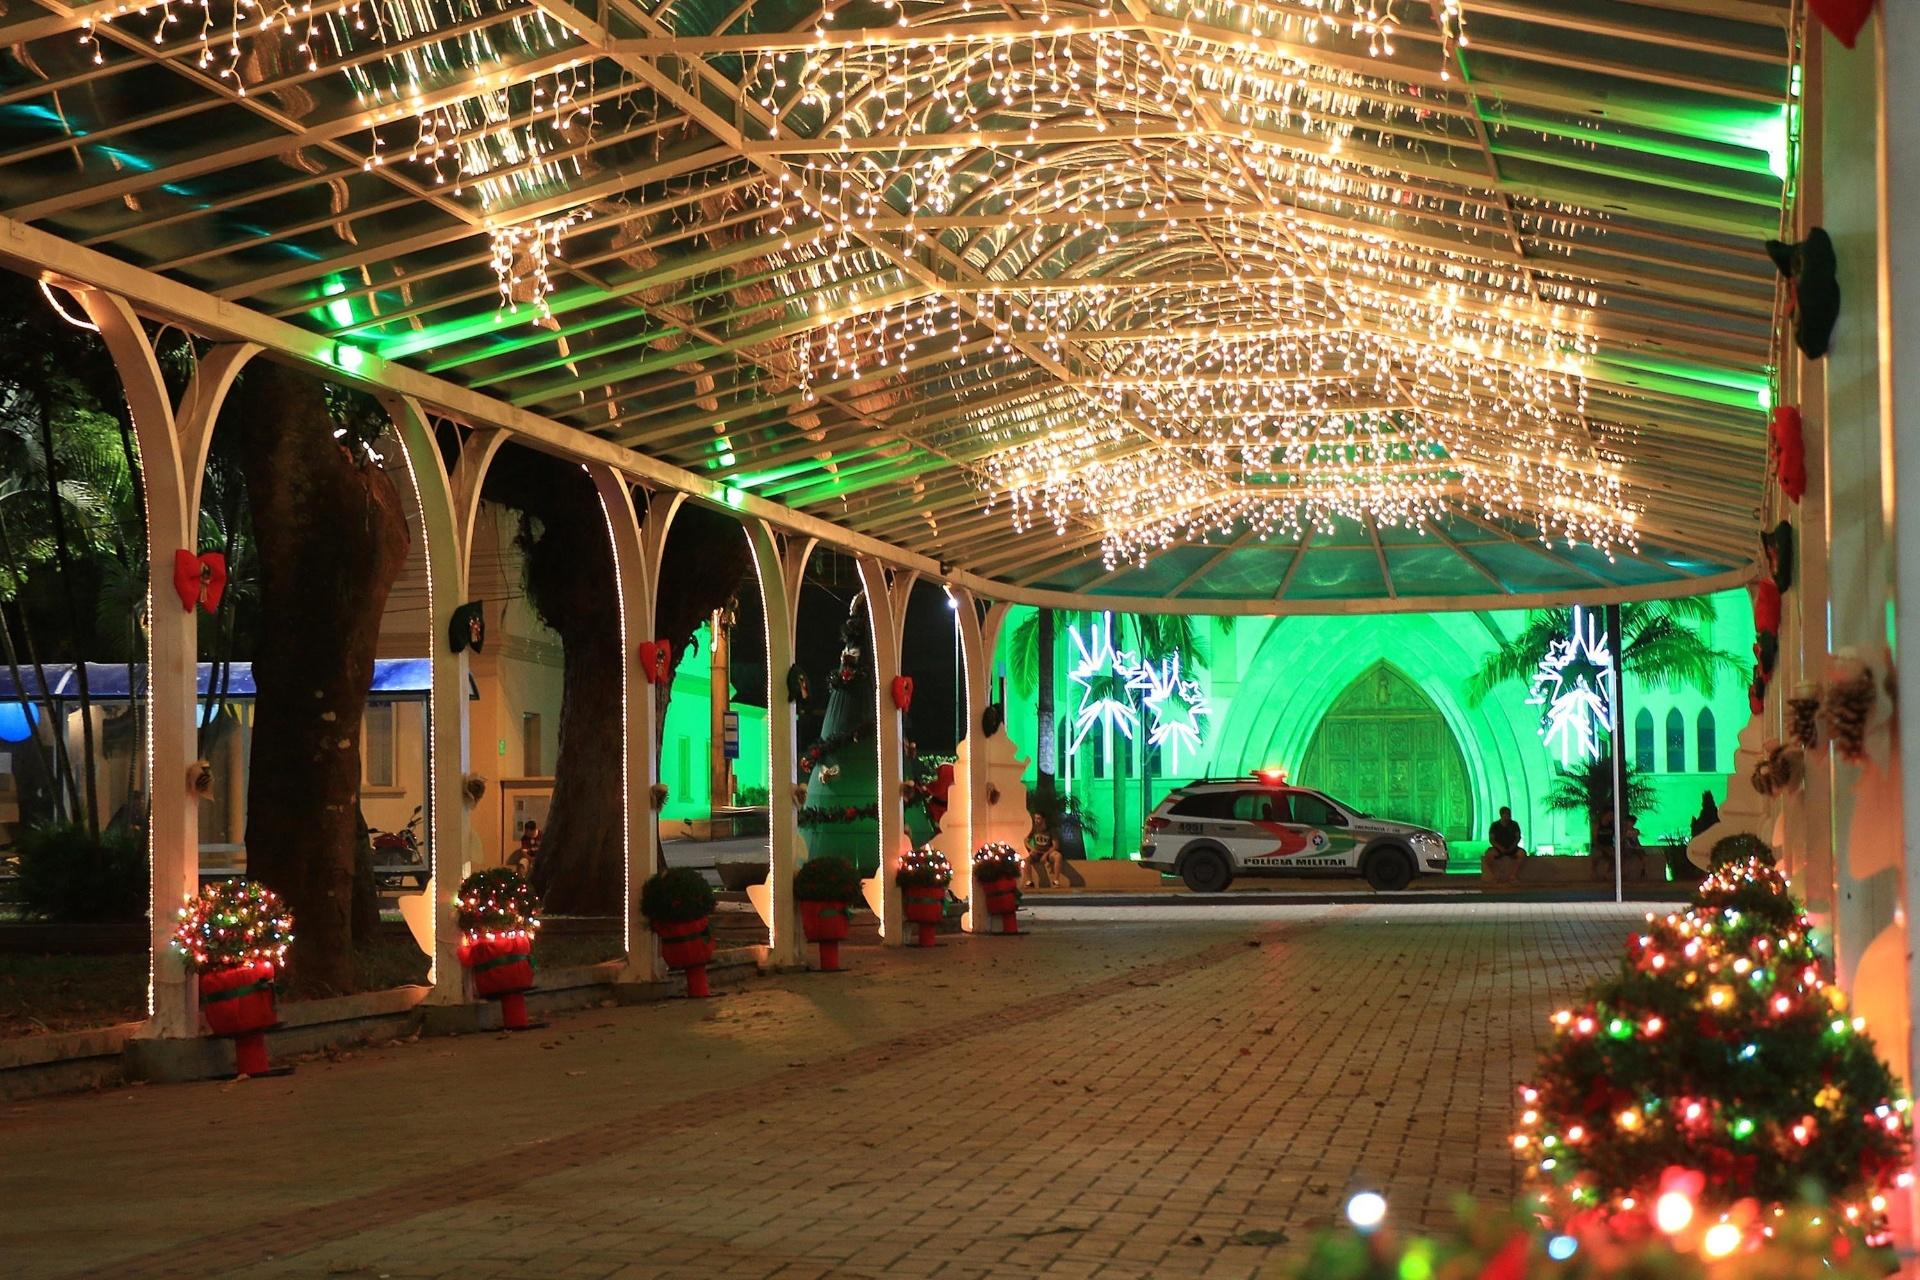 9.dez.2014 - Luzes fazem parte da decoração de Natal, em Araranguá, em Santa Catarina